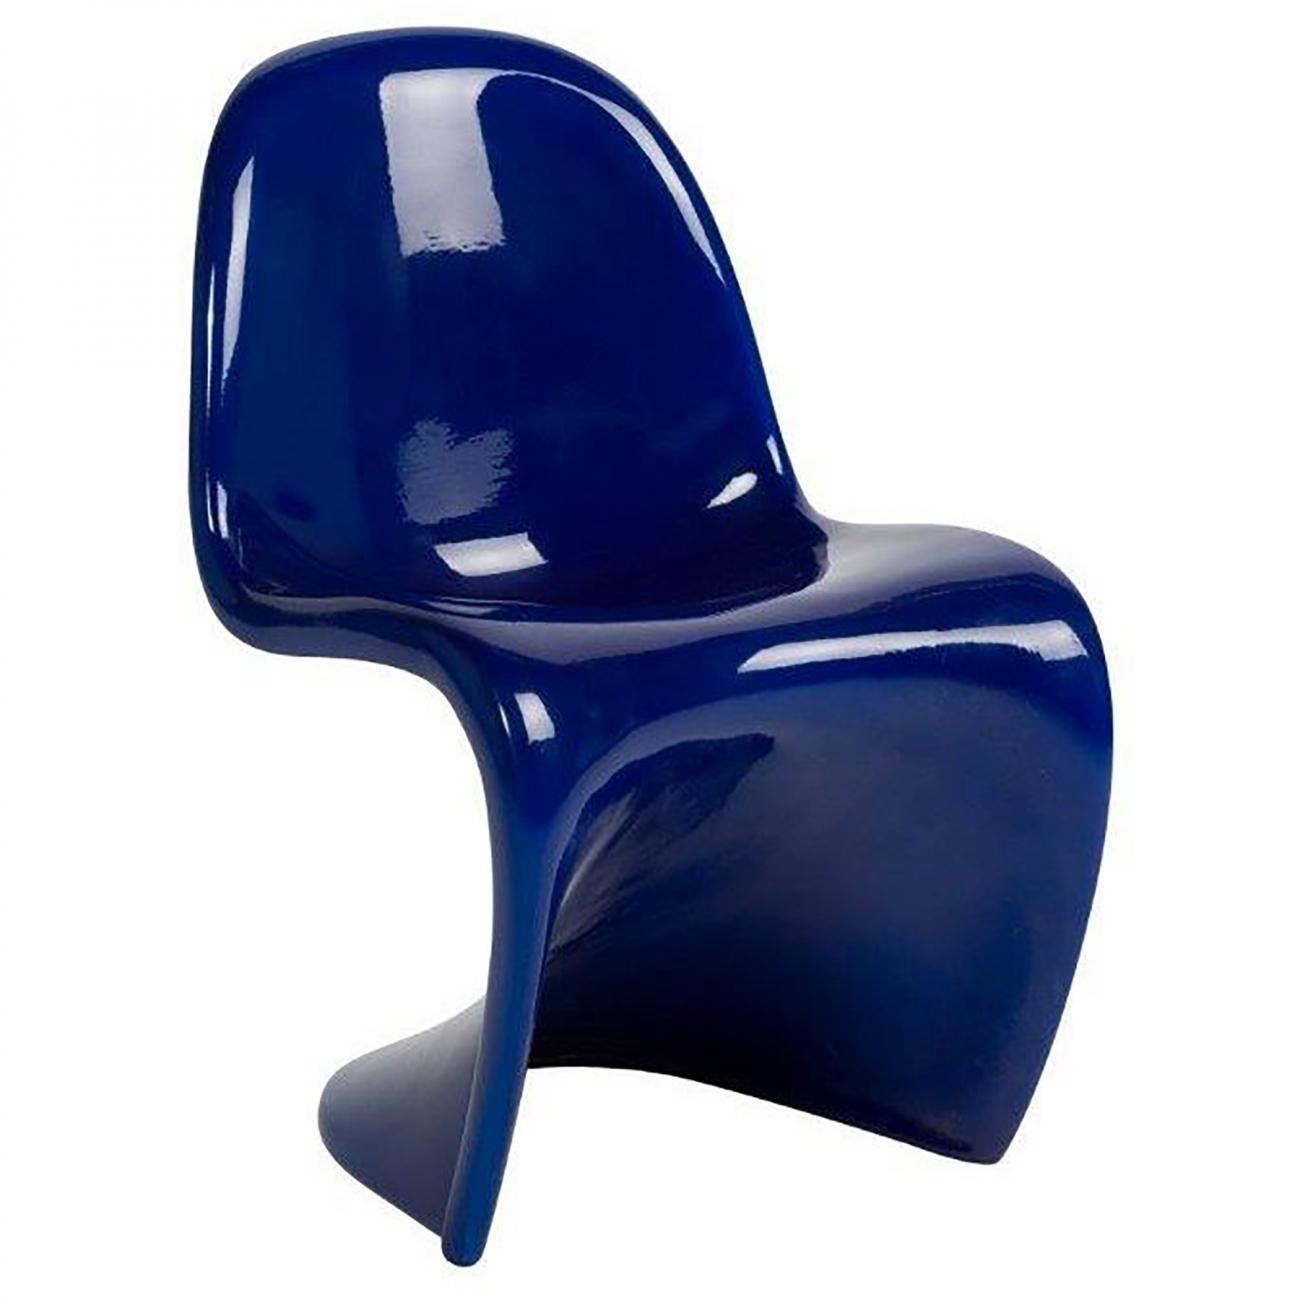 Купить Детский стул Pantone Синий в интернет магазине дизайнерской мебели и аксессуаров для дома и дачи